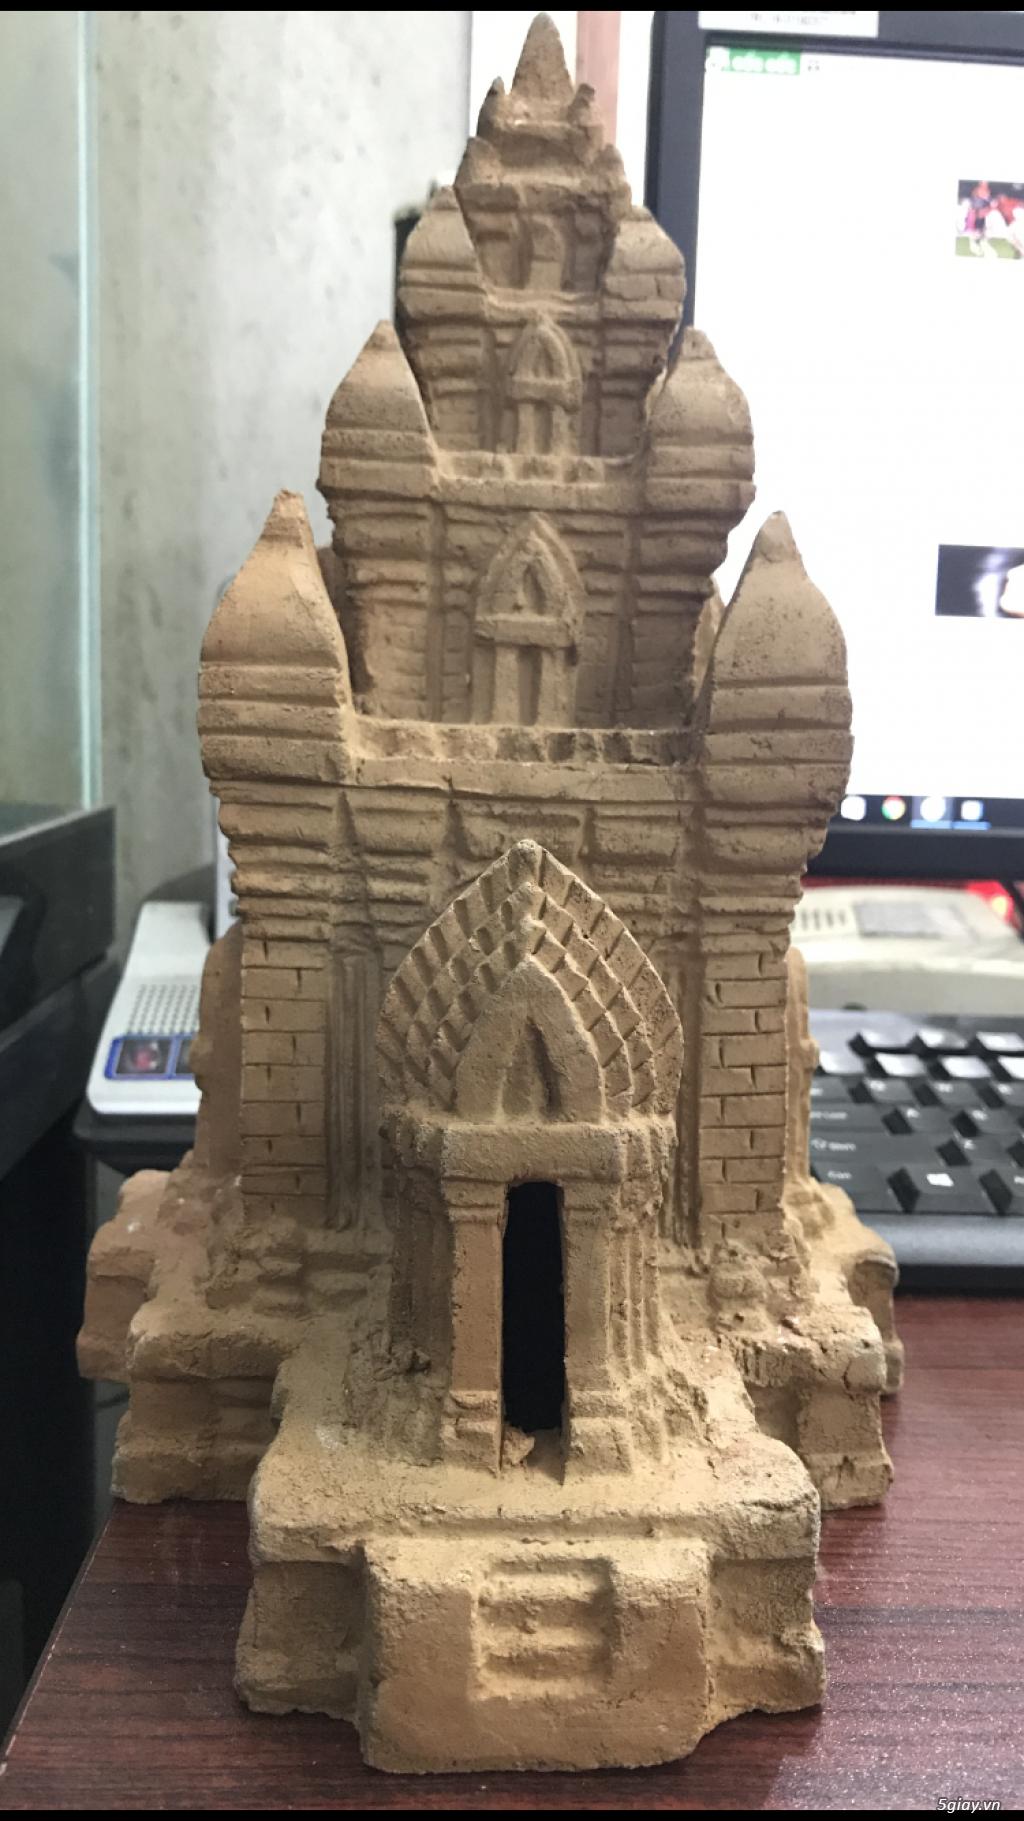 Mô hình tháp chăm gốm Bàu Trúc Ninh Thuận - 3